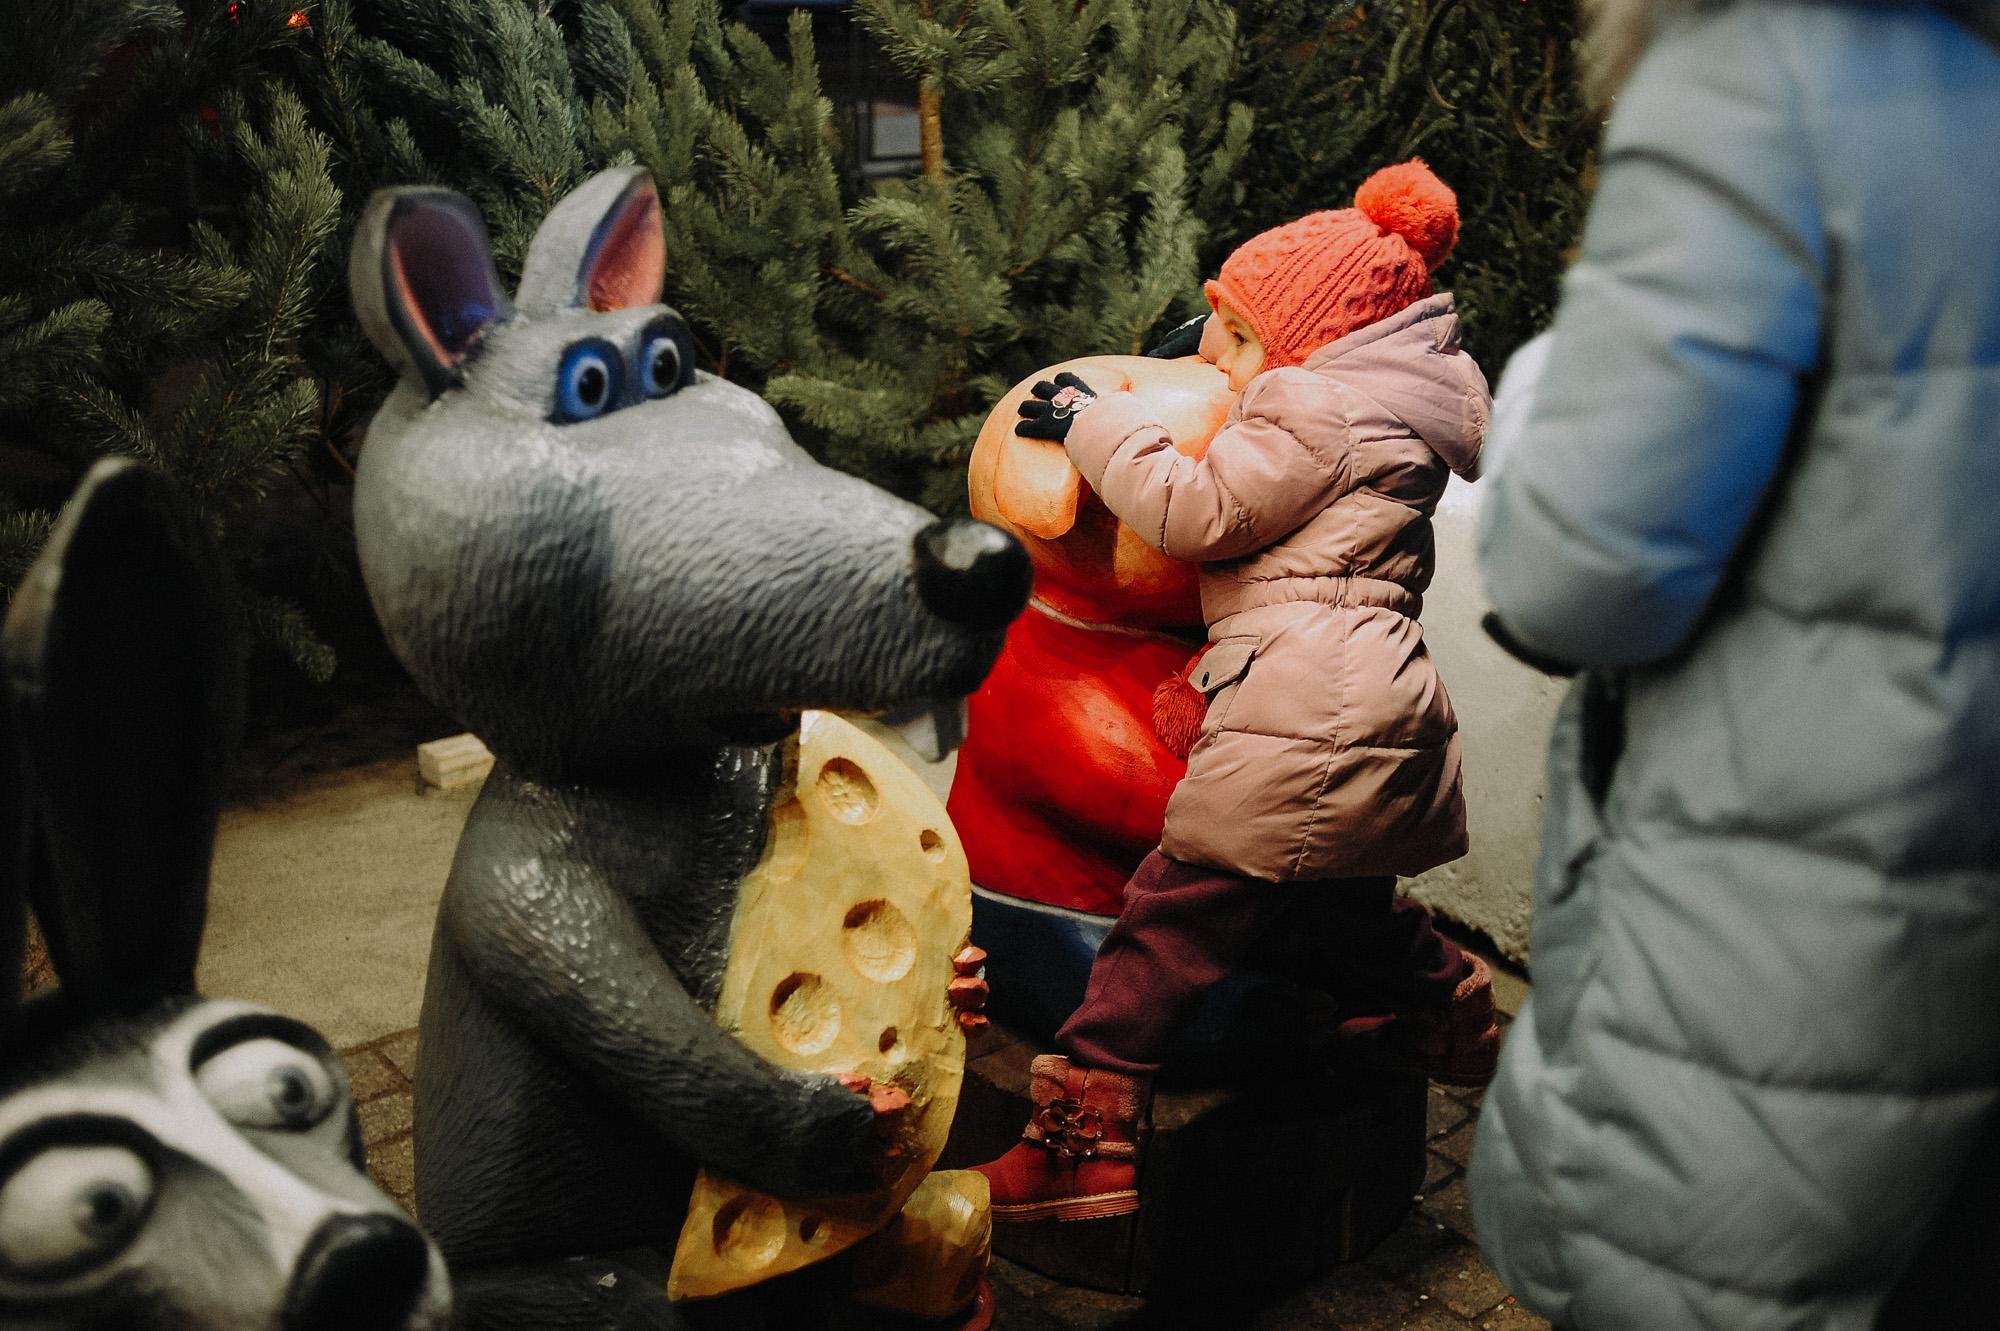 ZZZ 6910 В Астрахани на площади Ленина зажгли новогоднюю елку: кадры торжества